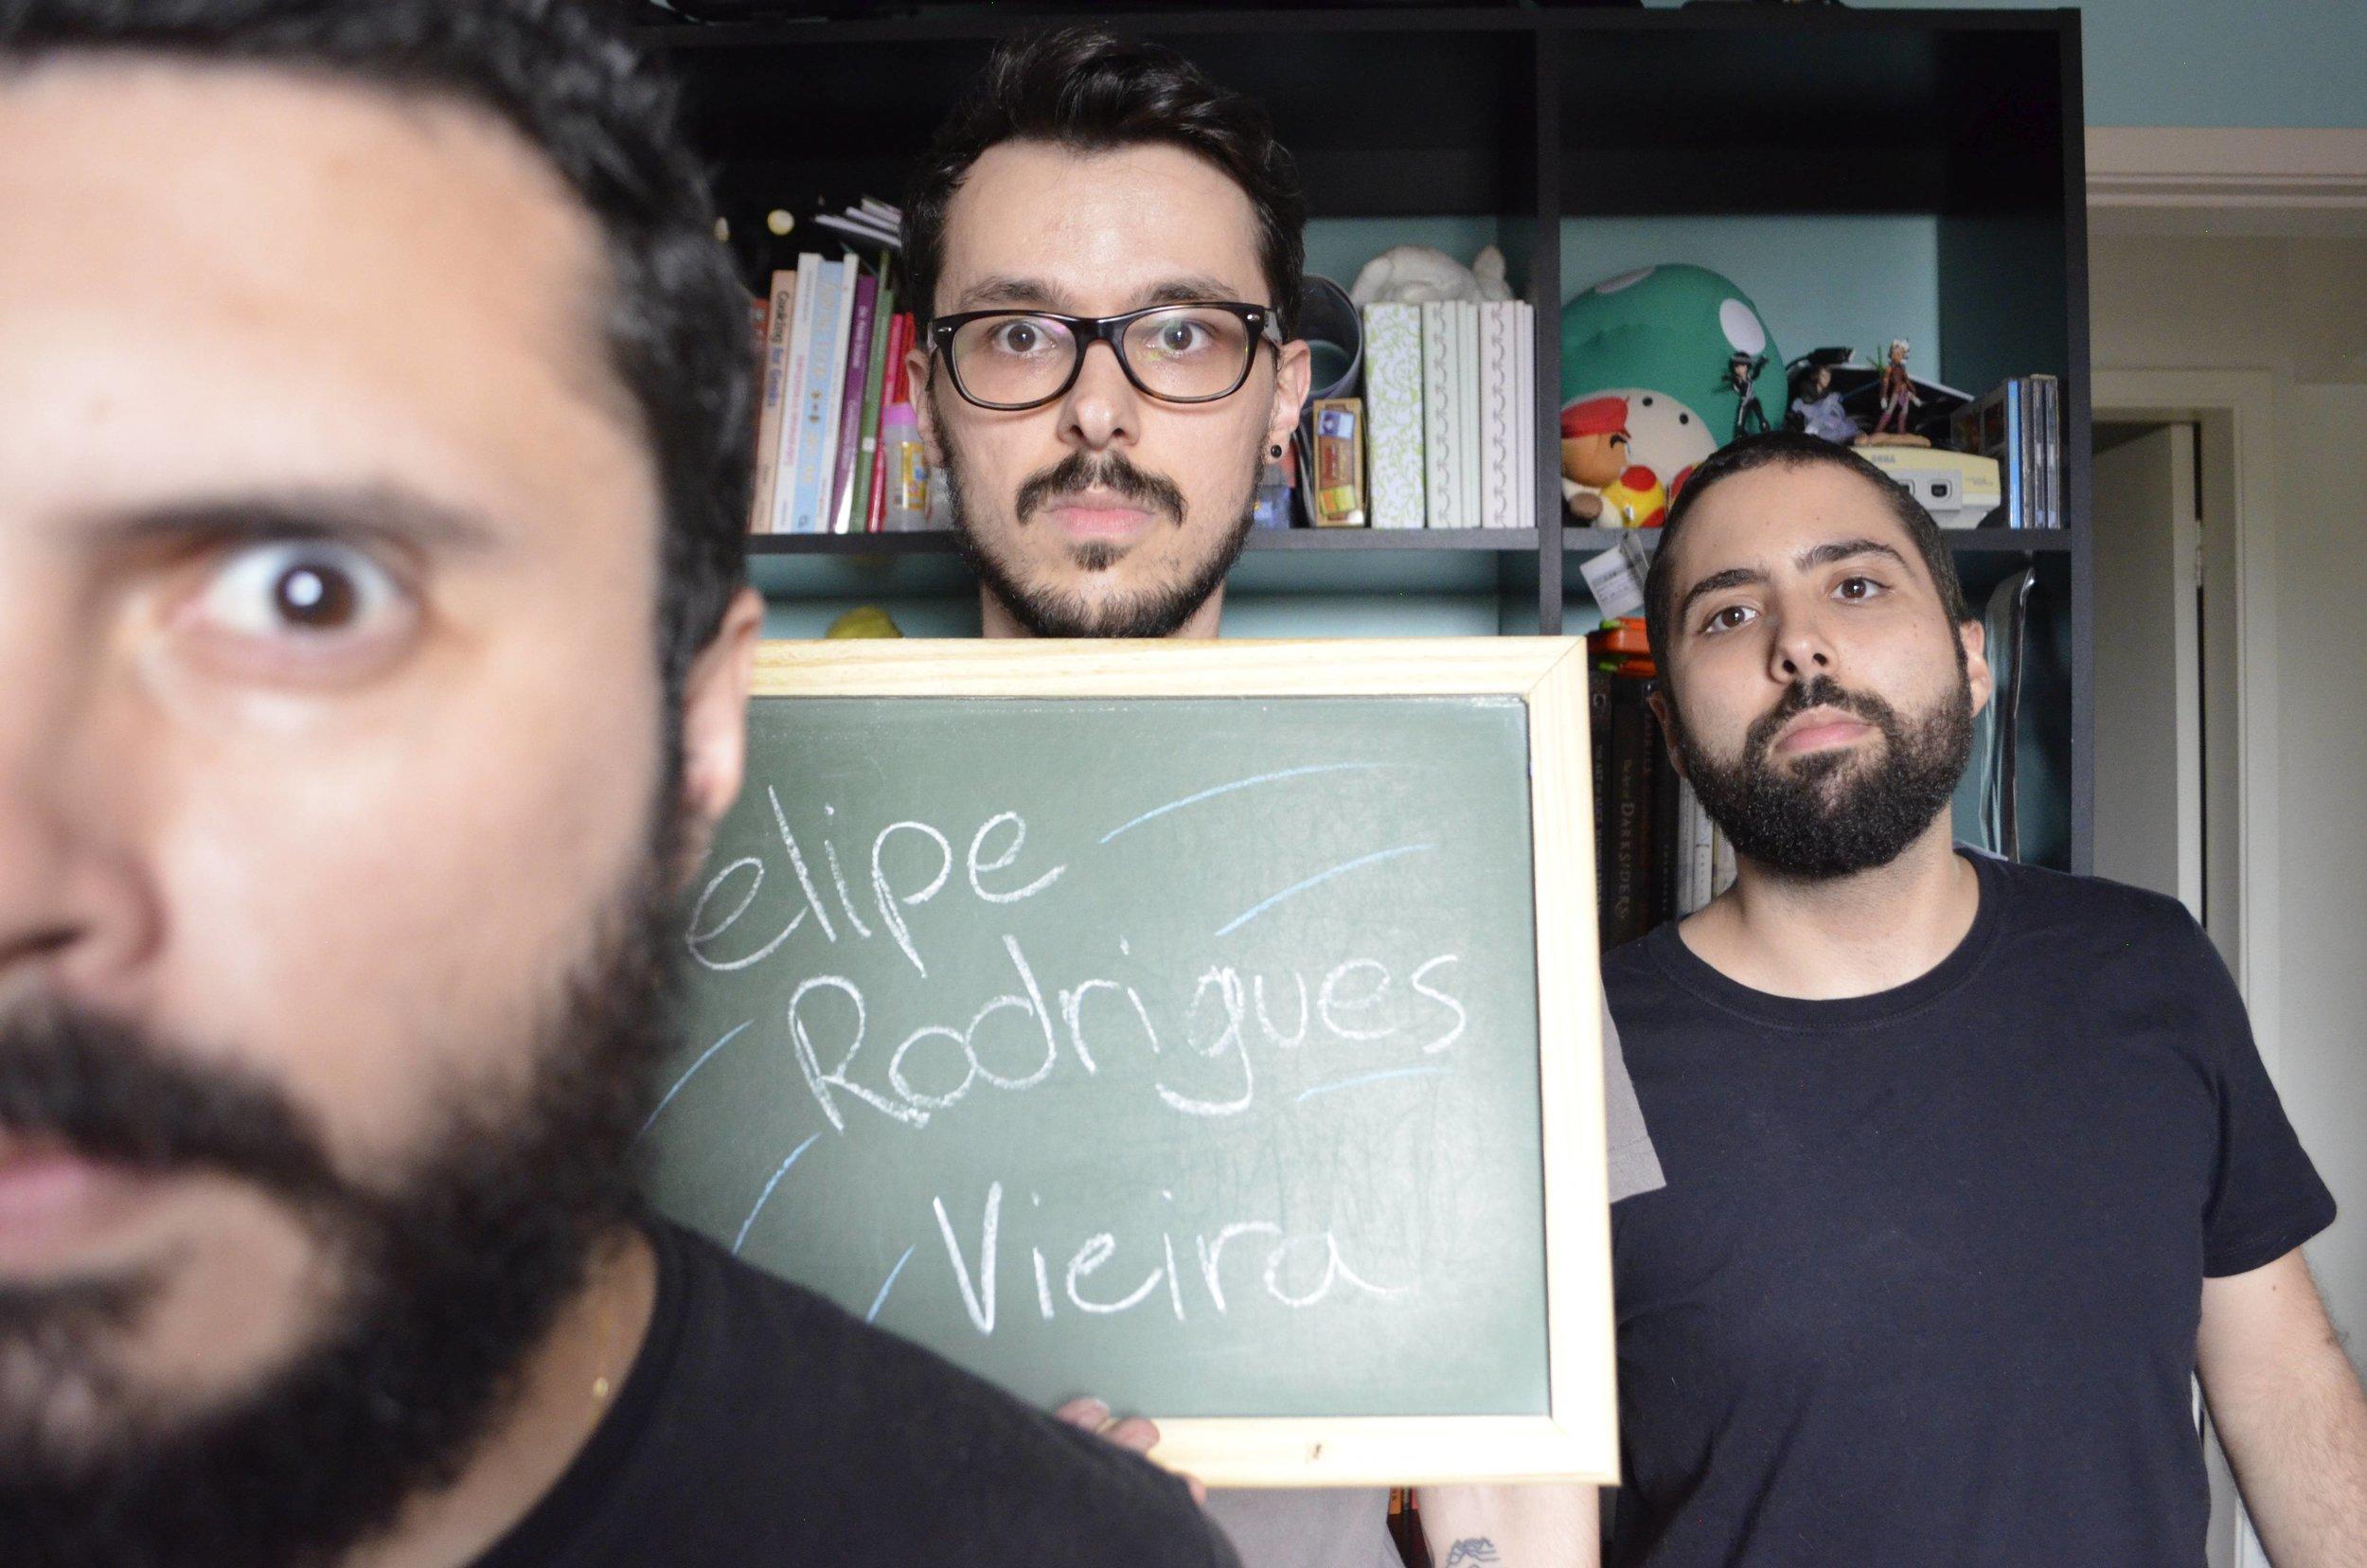 Felipe-Rodrigues-Vieira.jpg